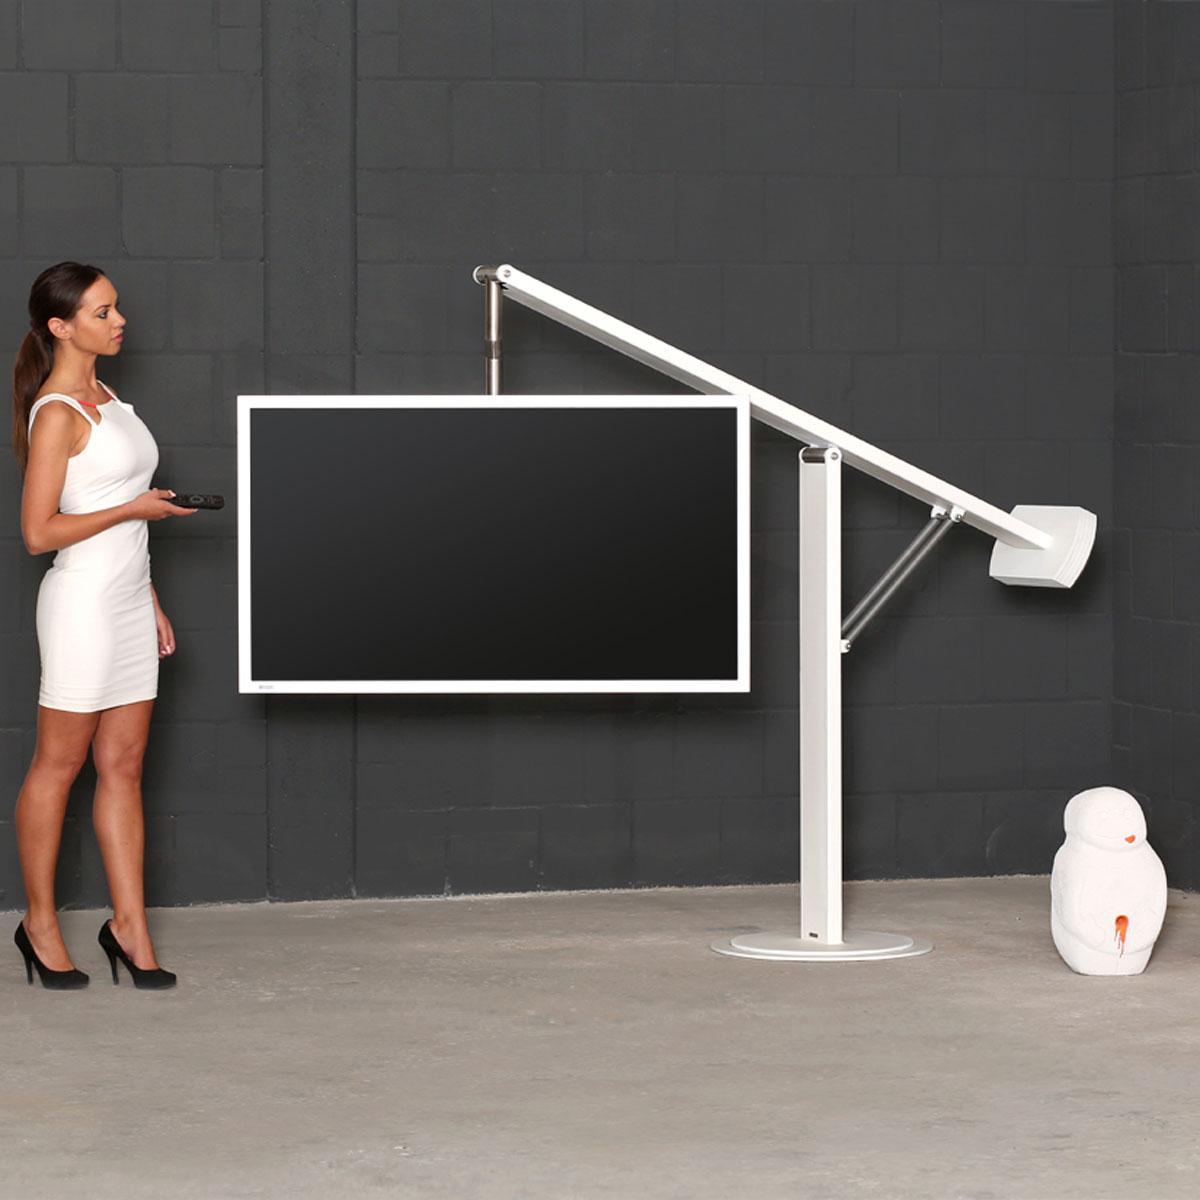 Fernsehhalter freistehend, sehr stabil. Höhenverstellbar. Für TV bis 70 Zoll. Modell Balance Art 131 von Wissmann Raumobjekte.